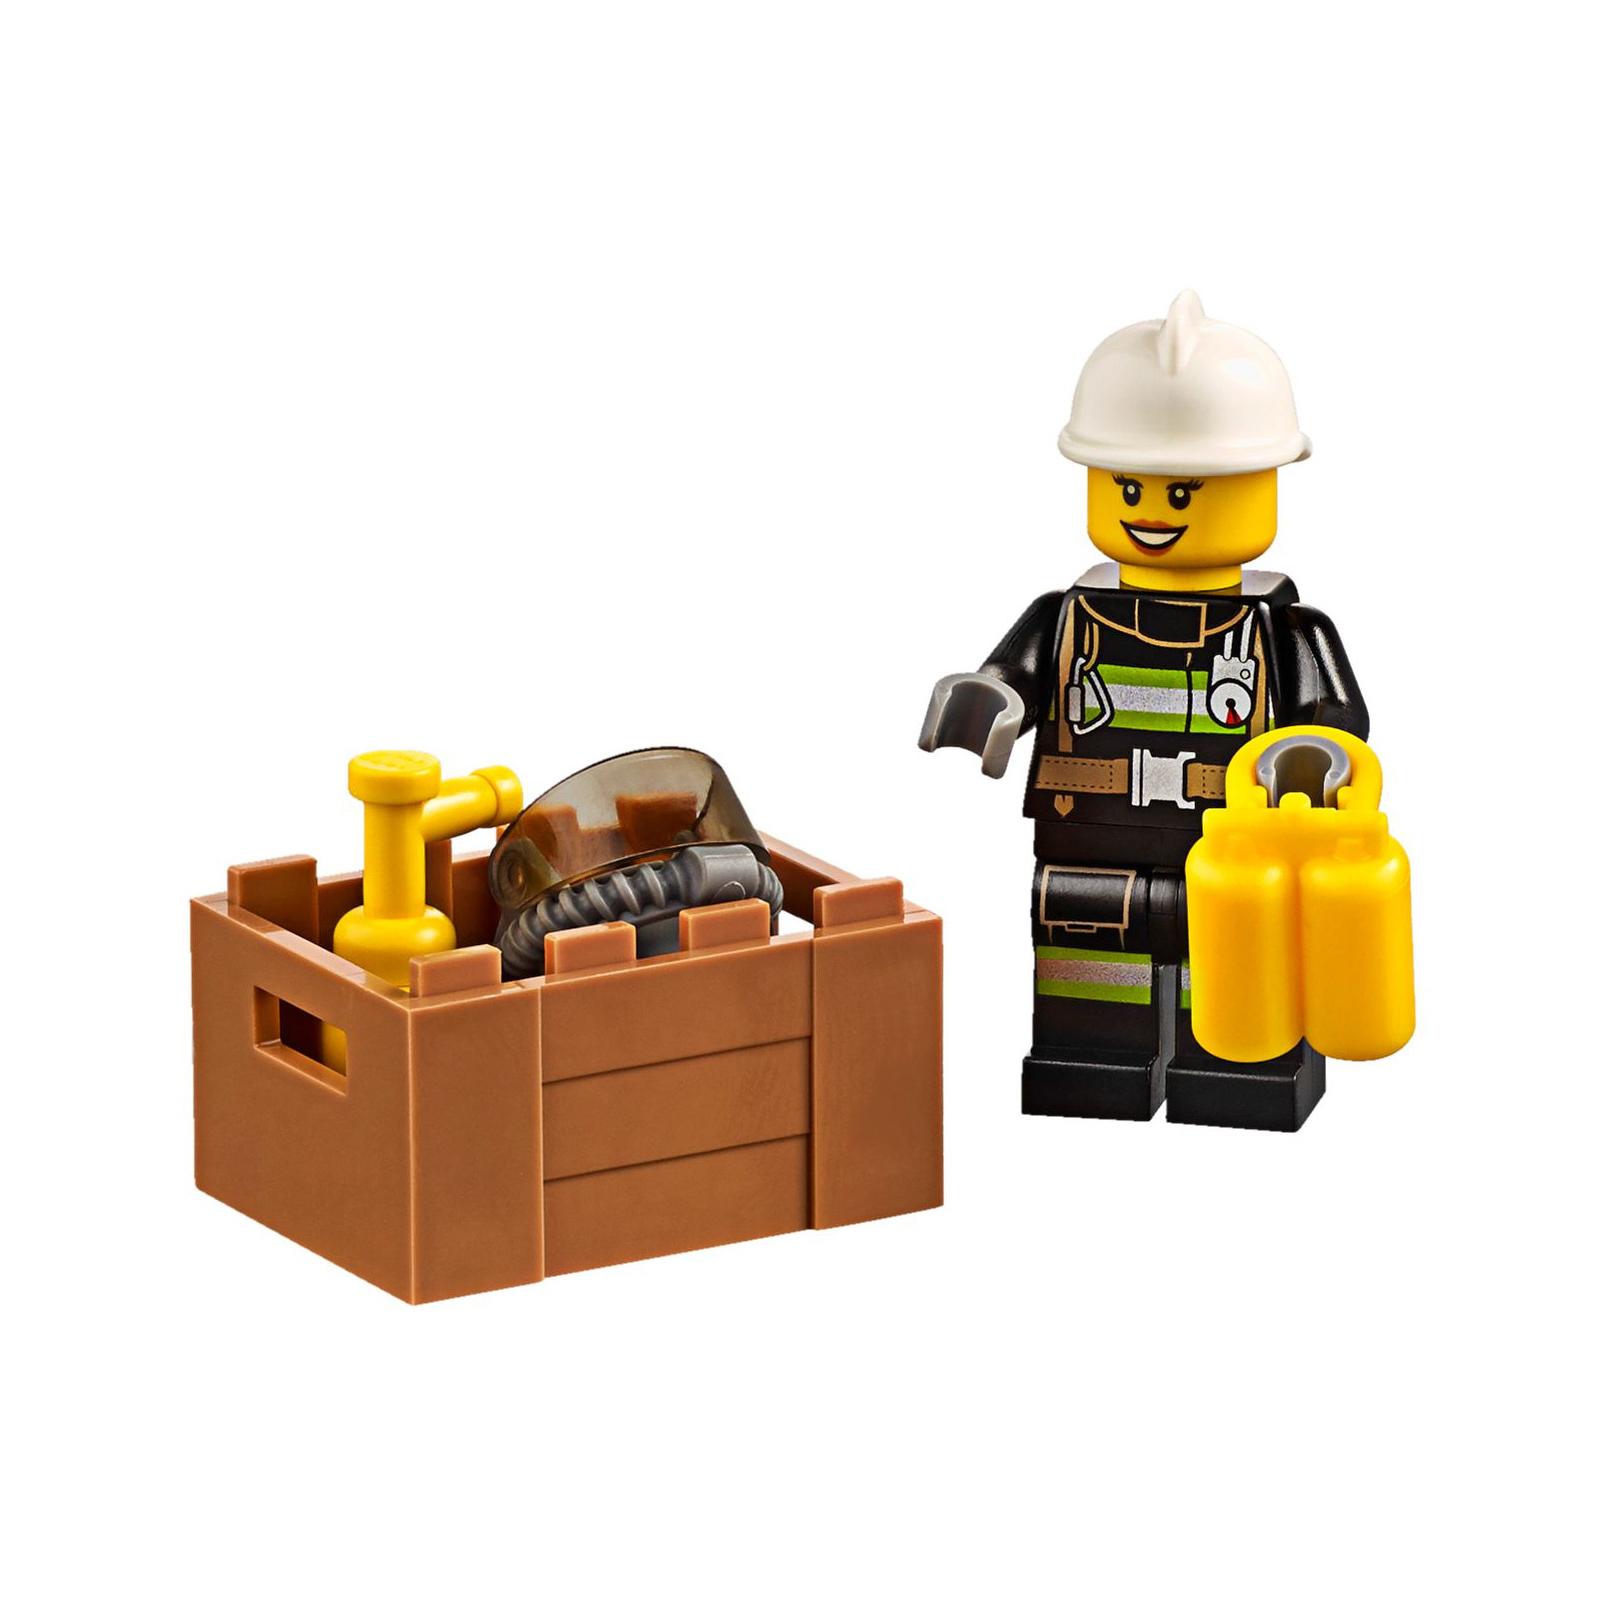 Конструктор LEGO City Fire Пожарный грузовик (60111) изображение 6